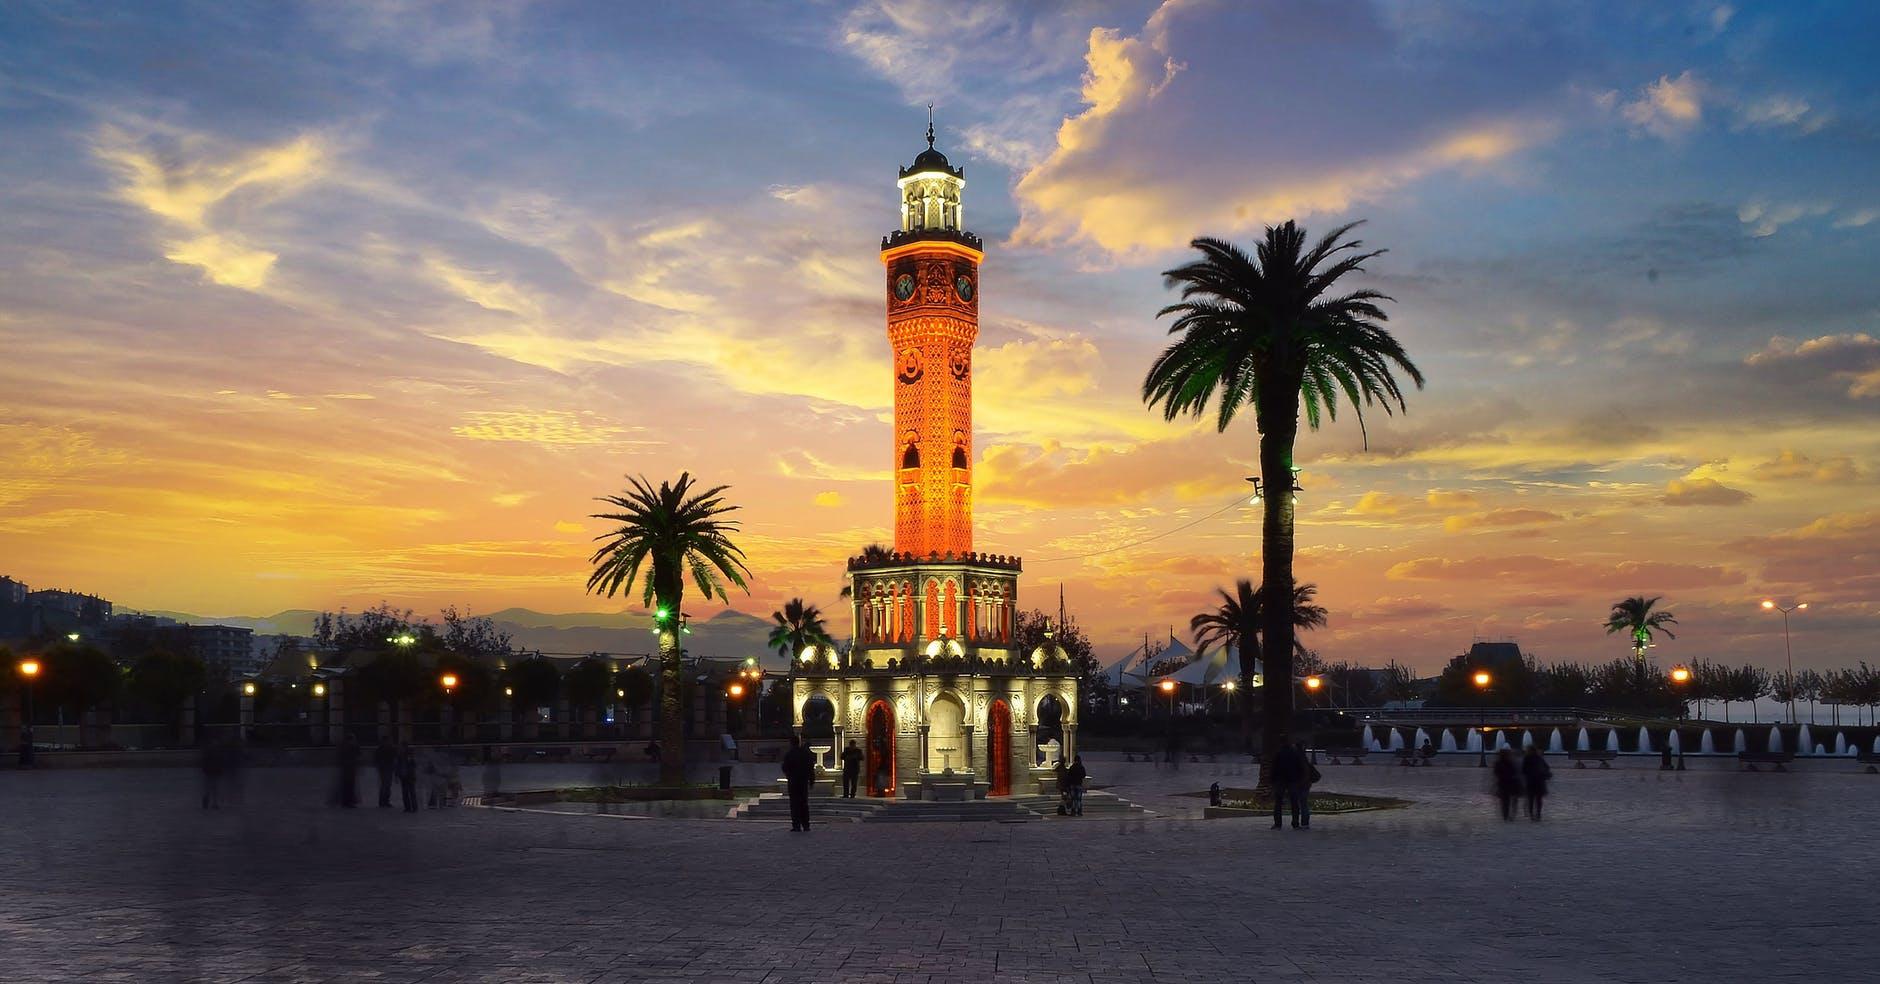 İzmir'de Ailecek Yapılabilecek Aktiviteler